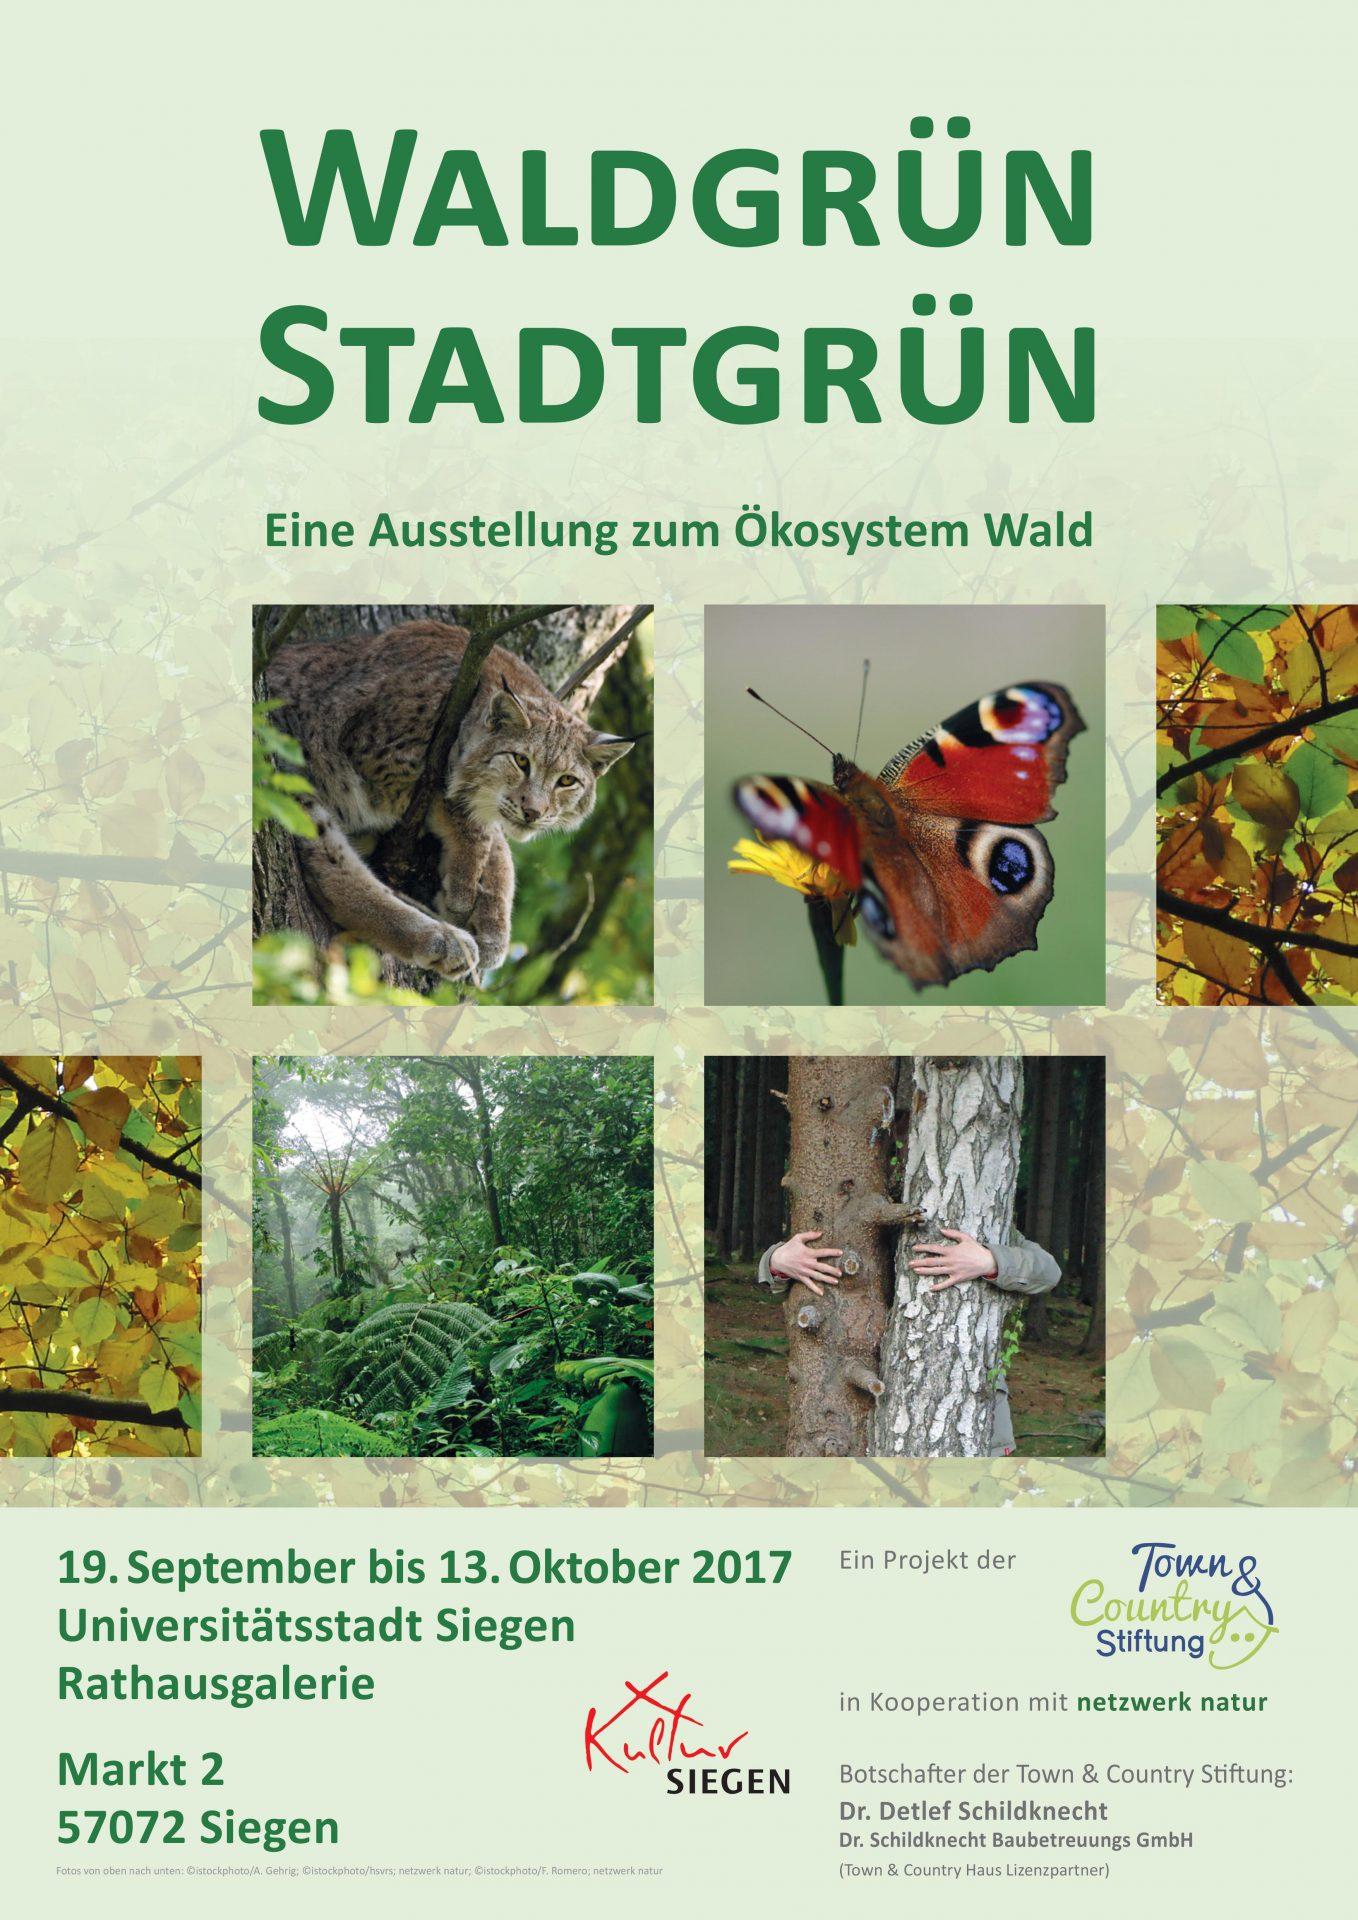 netzwerk natur, Plakat WALDGRÜN - STADTGRÜN, Rathausgalerie Siegen